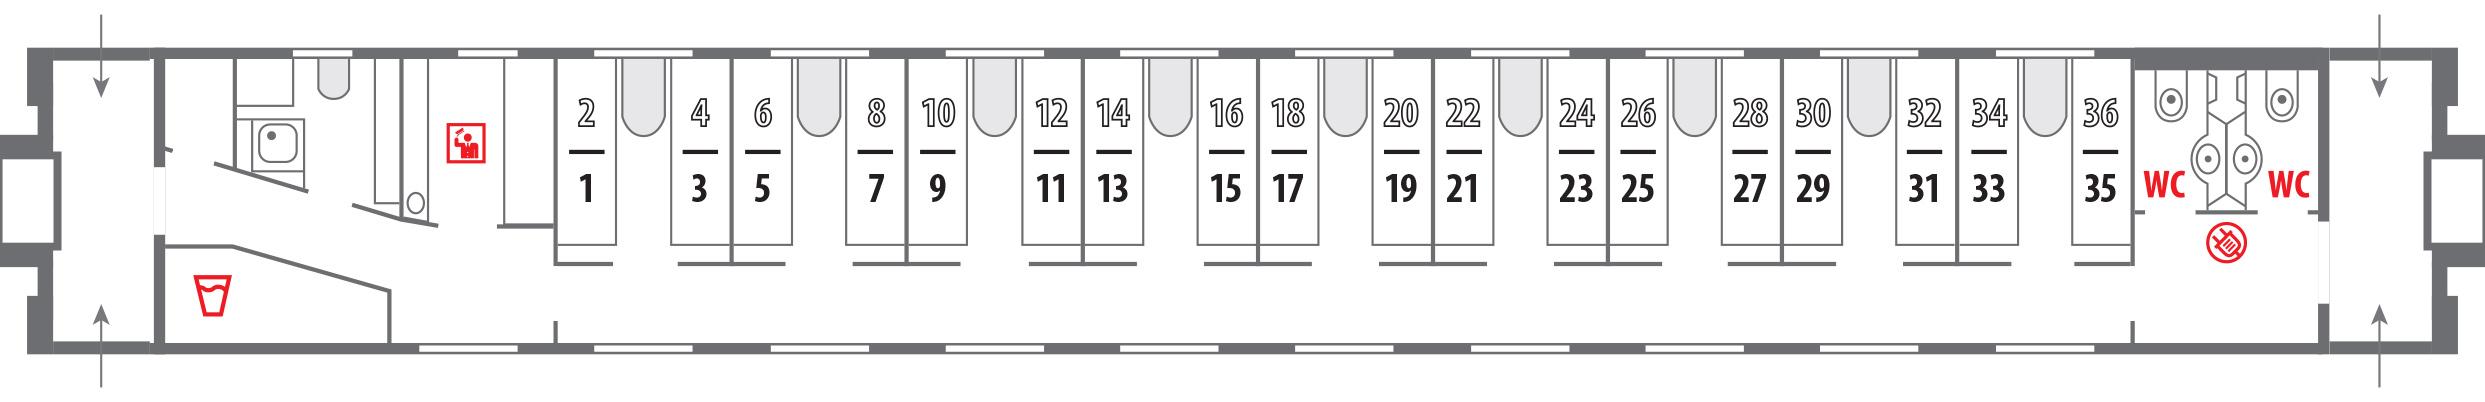 Схема расположения мест в сидячем вагон